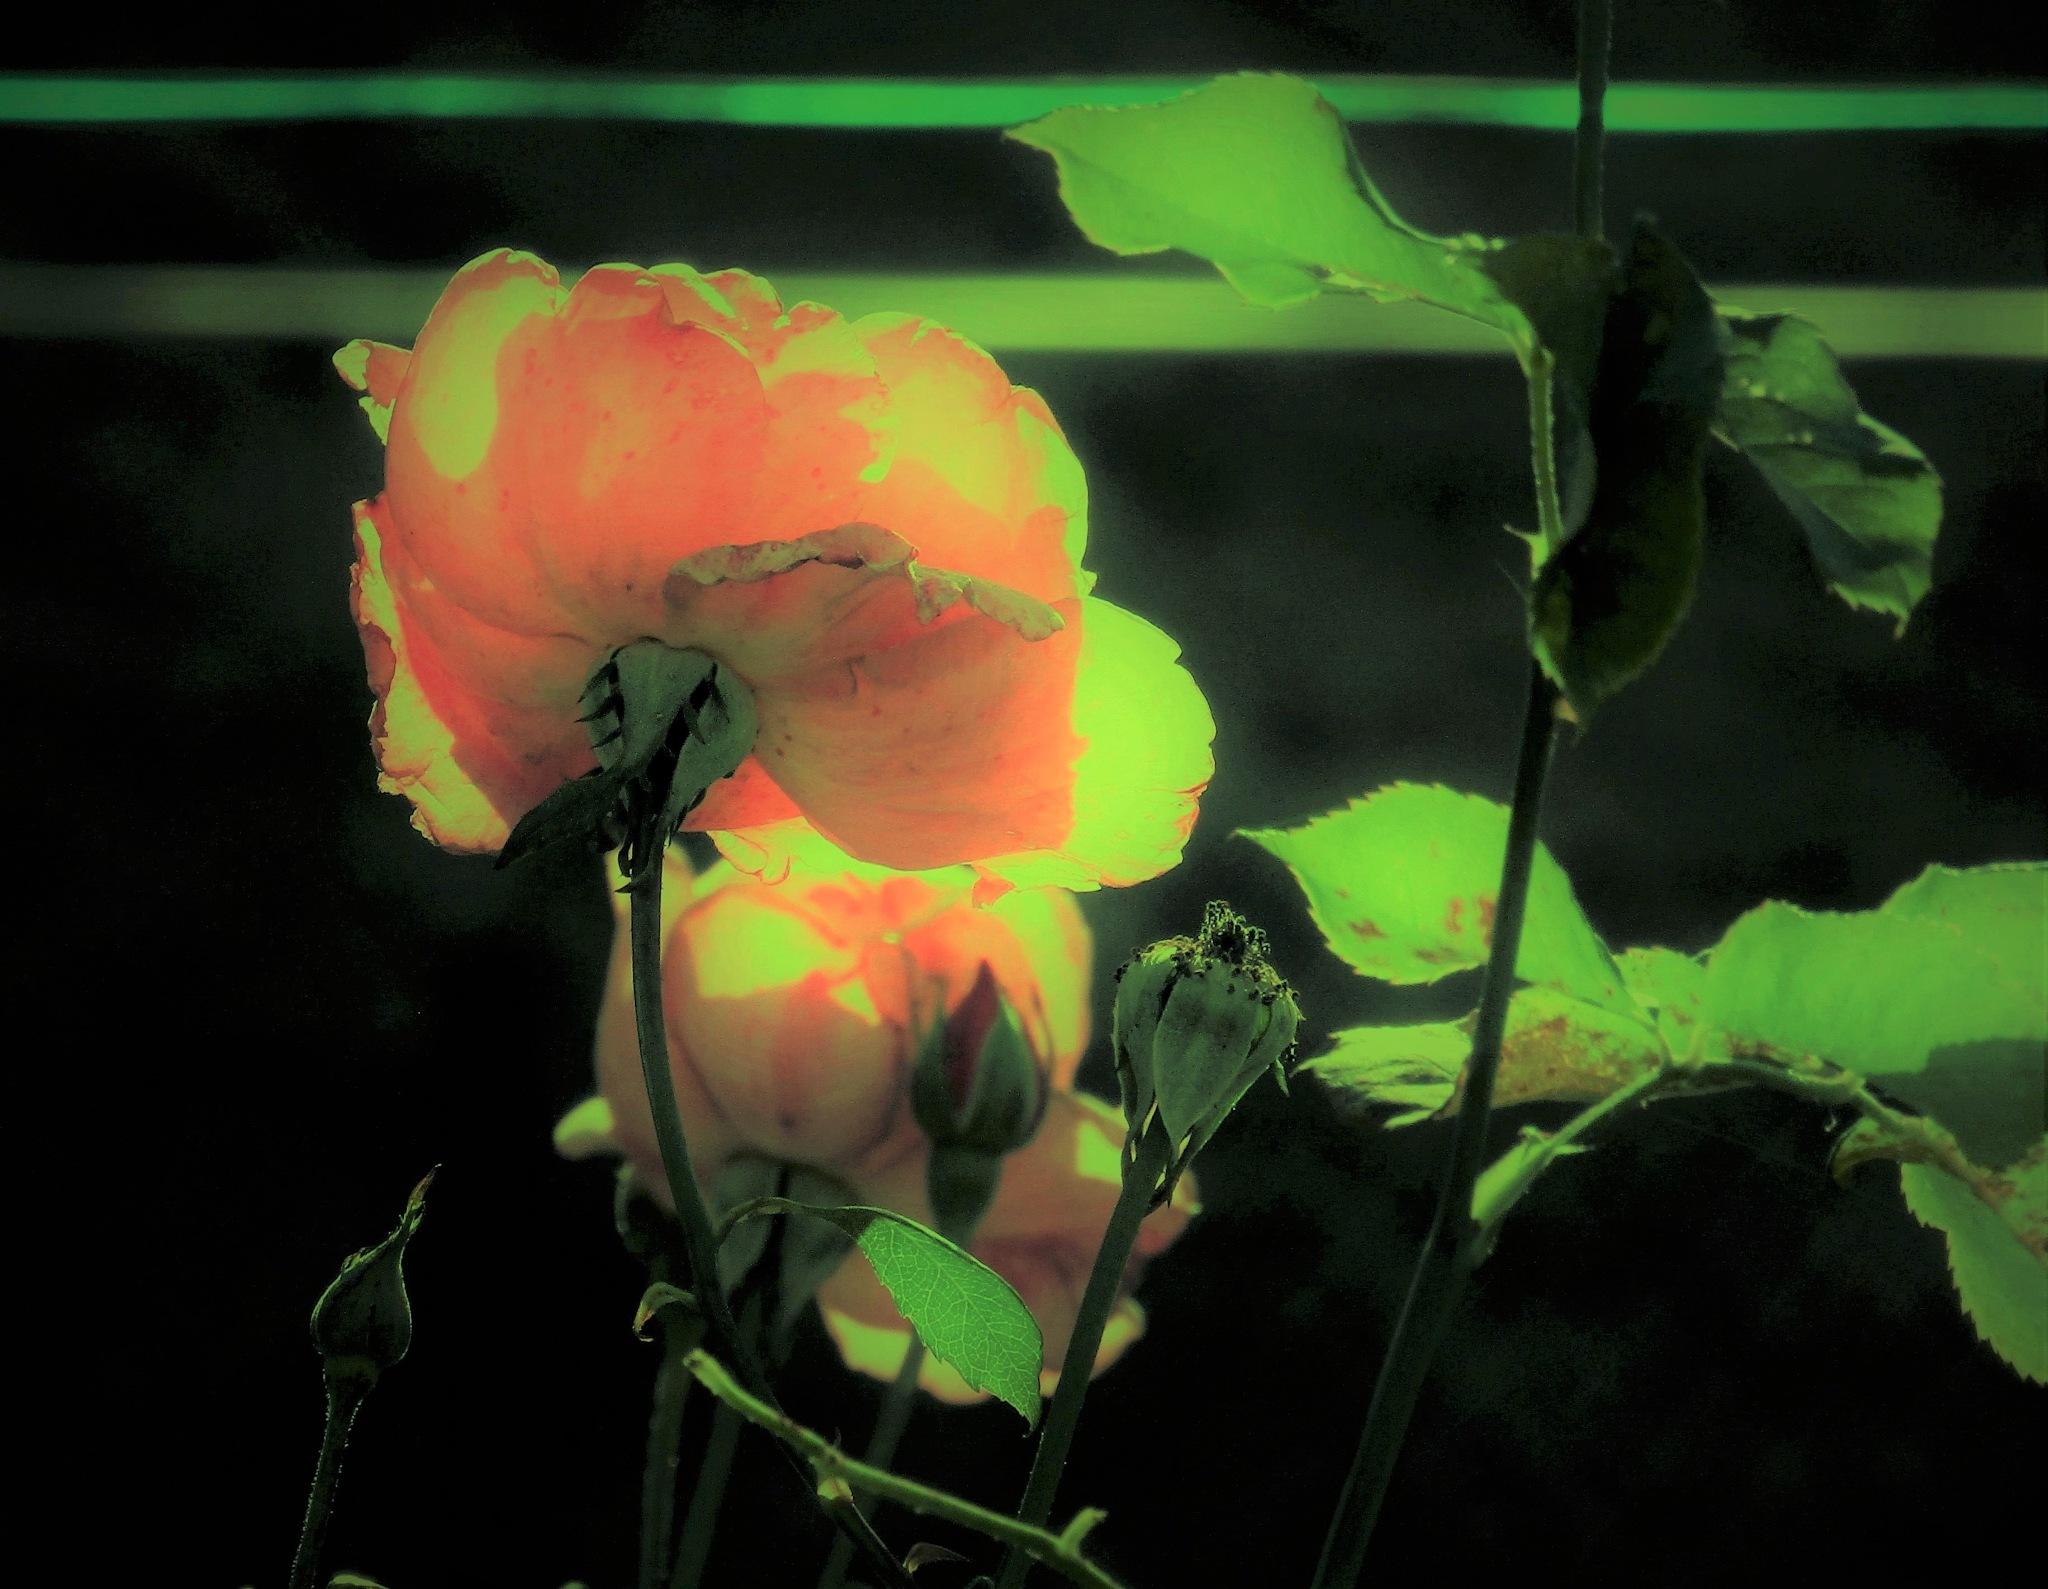 rosier by catherinevigili